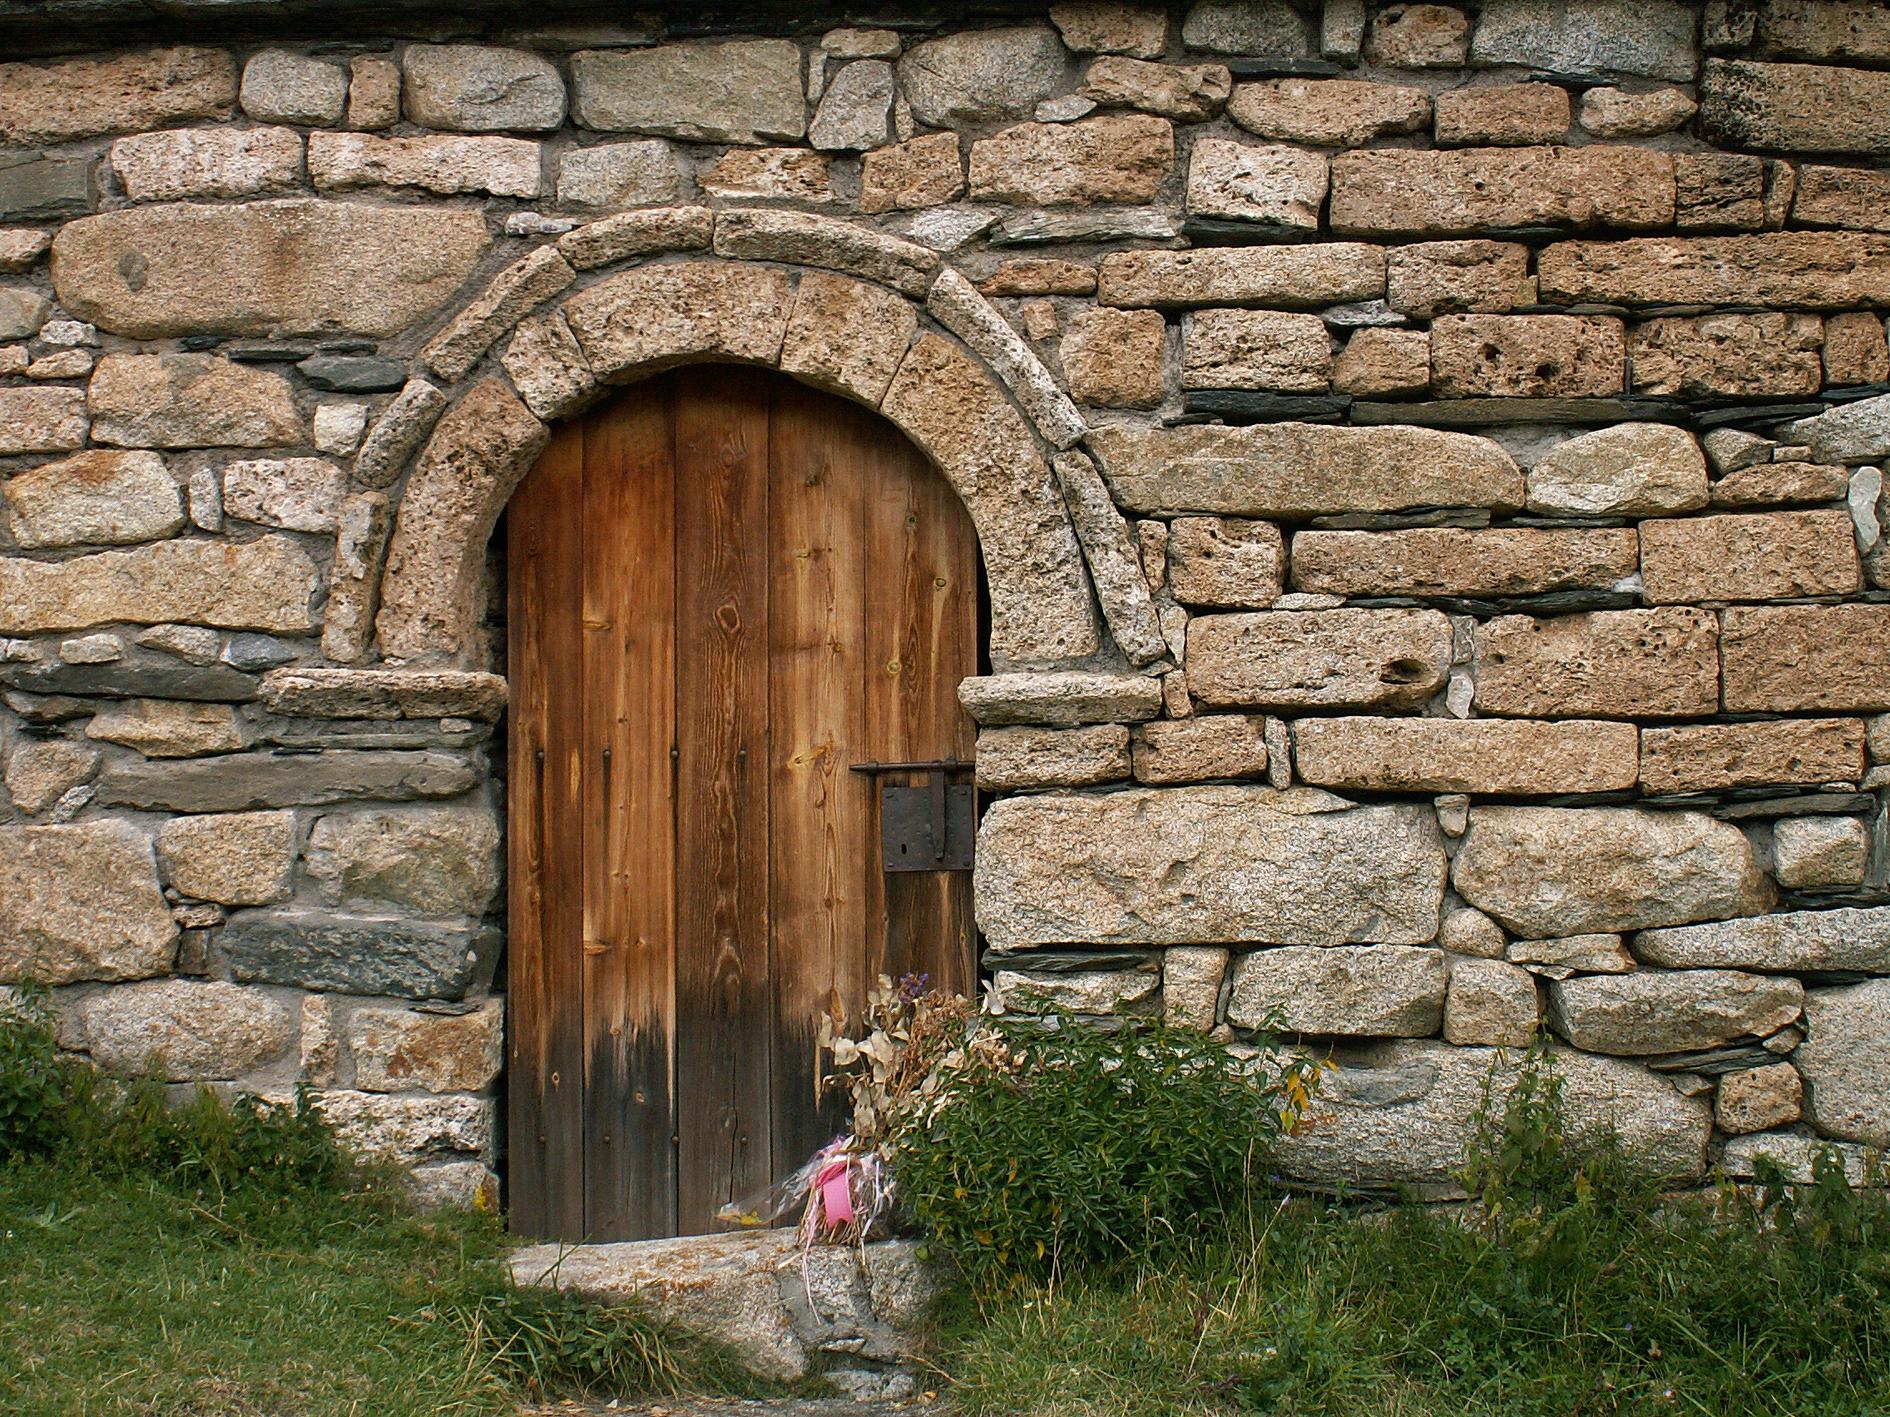 Te gusta lo r stico compra casa de acero y piedra - Tocar madera casas ...